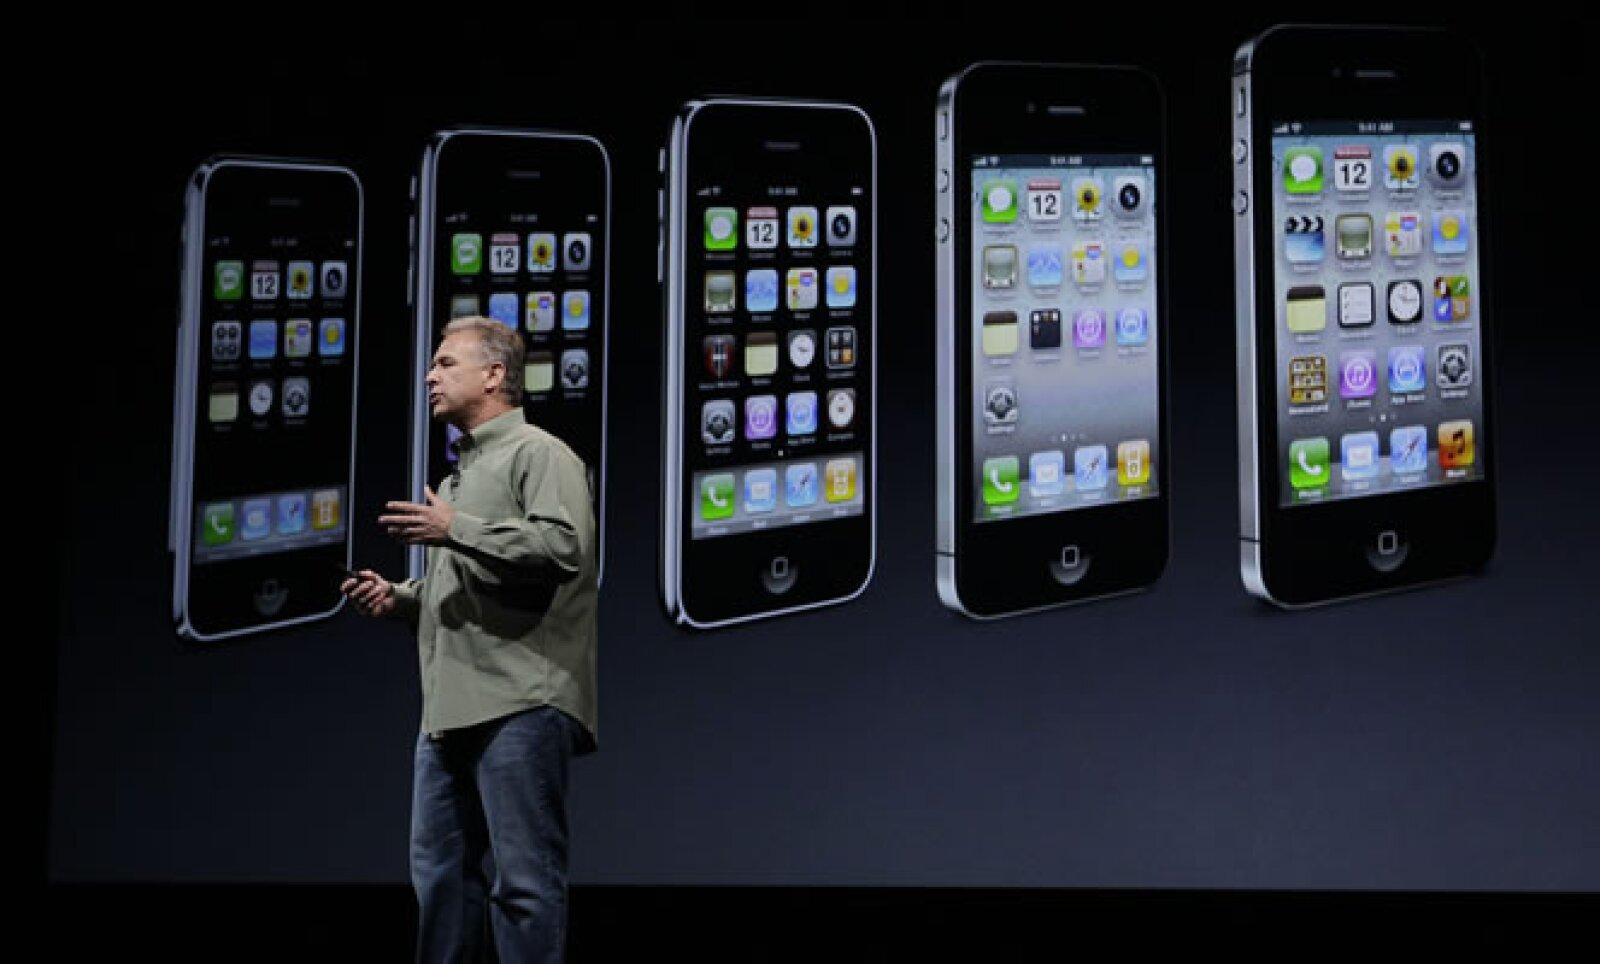 Apple presentó este miércoles su nueva versión del iPhone, donde además desplegaron una serie de innovaciones tecnológicas y de diseño en sus productos.